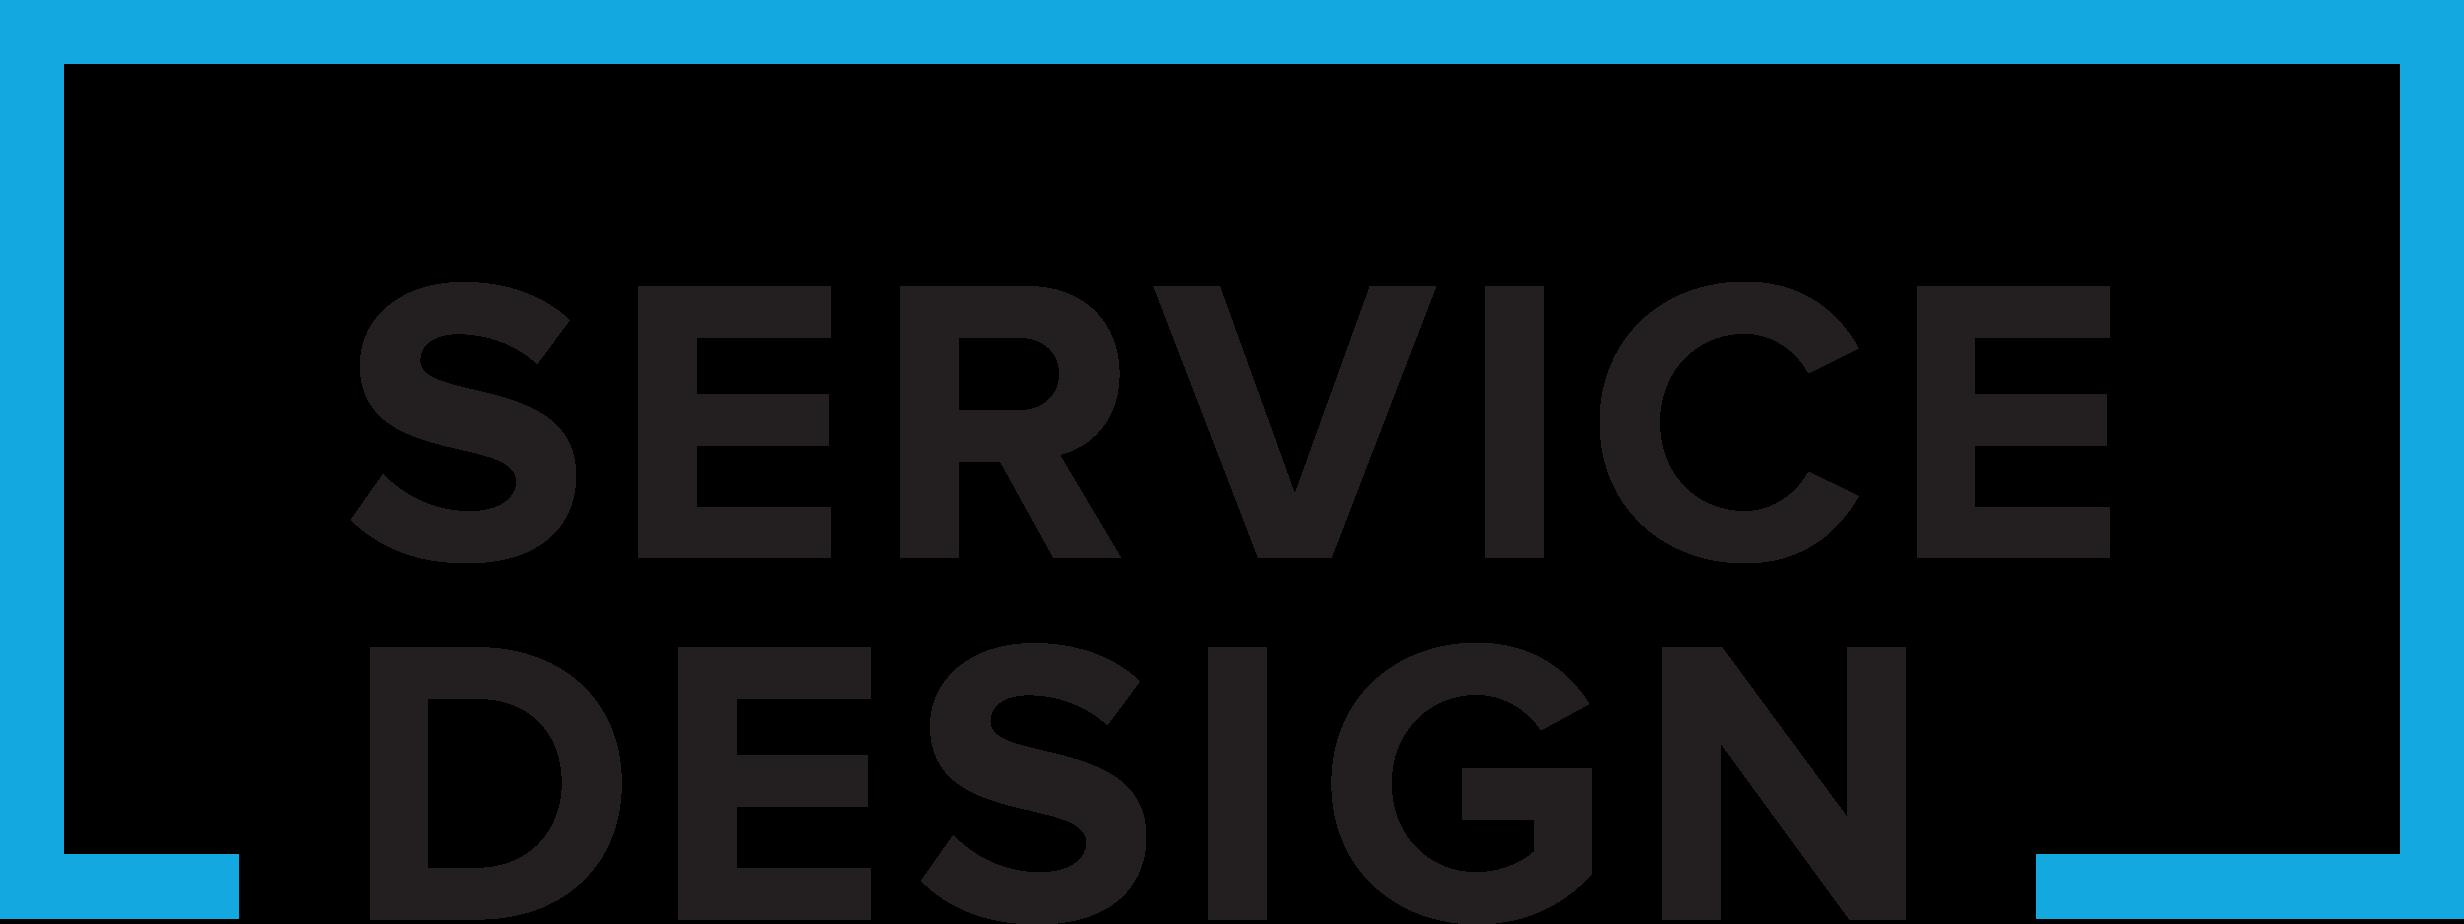 Service Design Week 2019